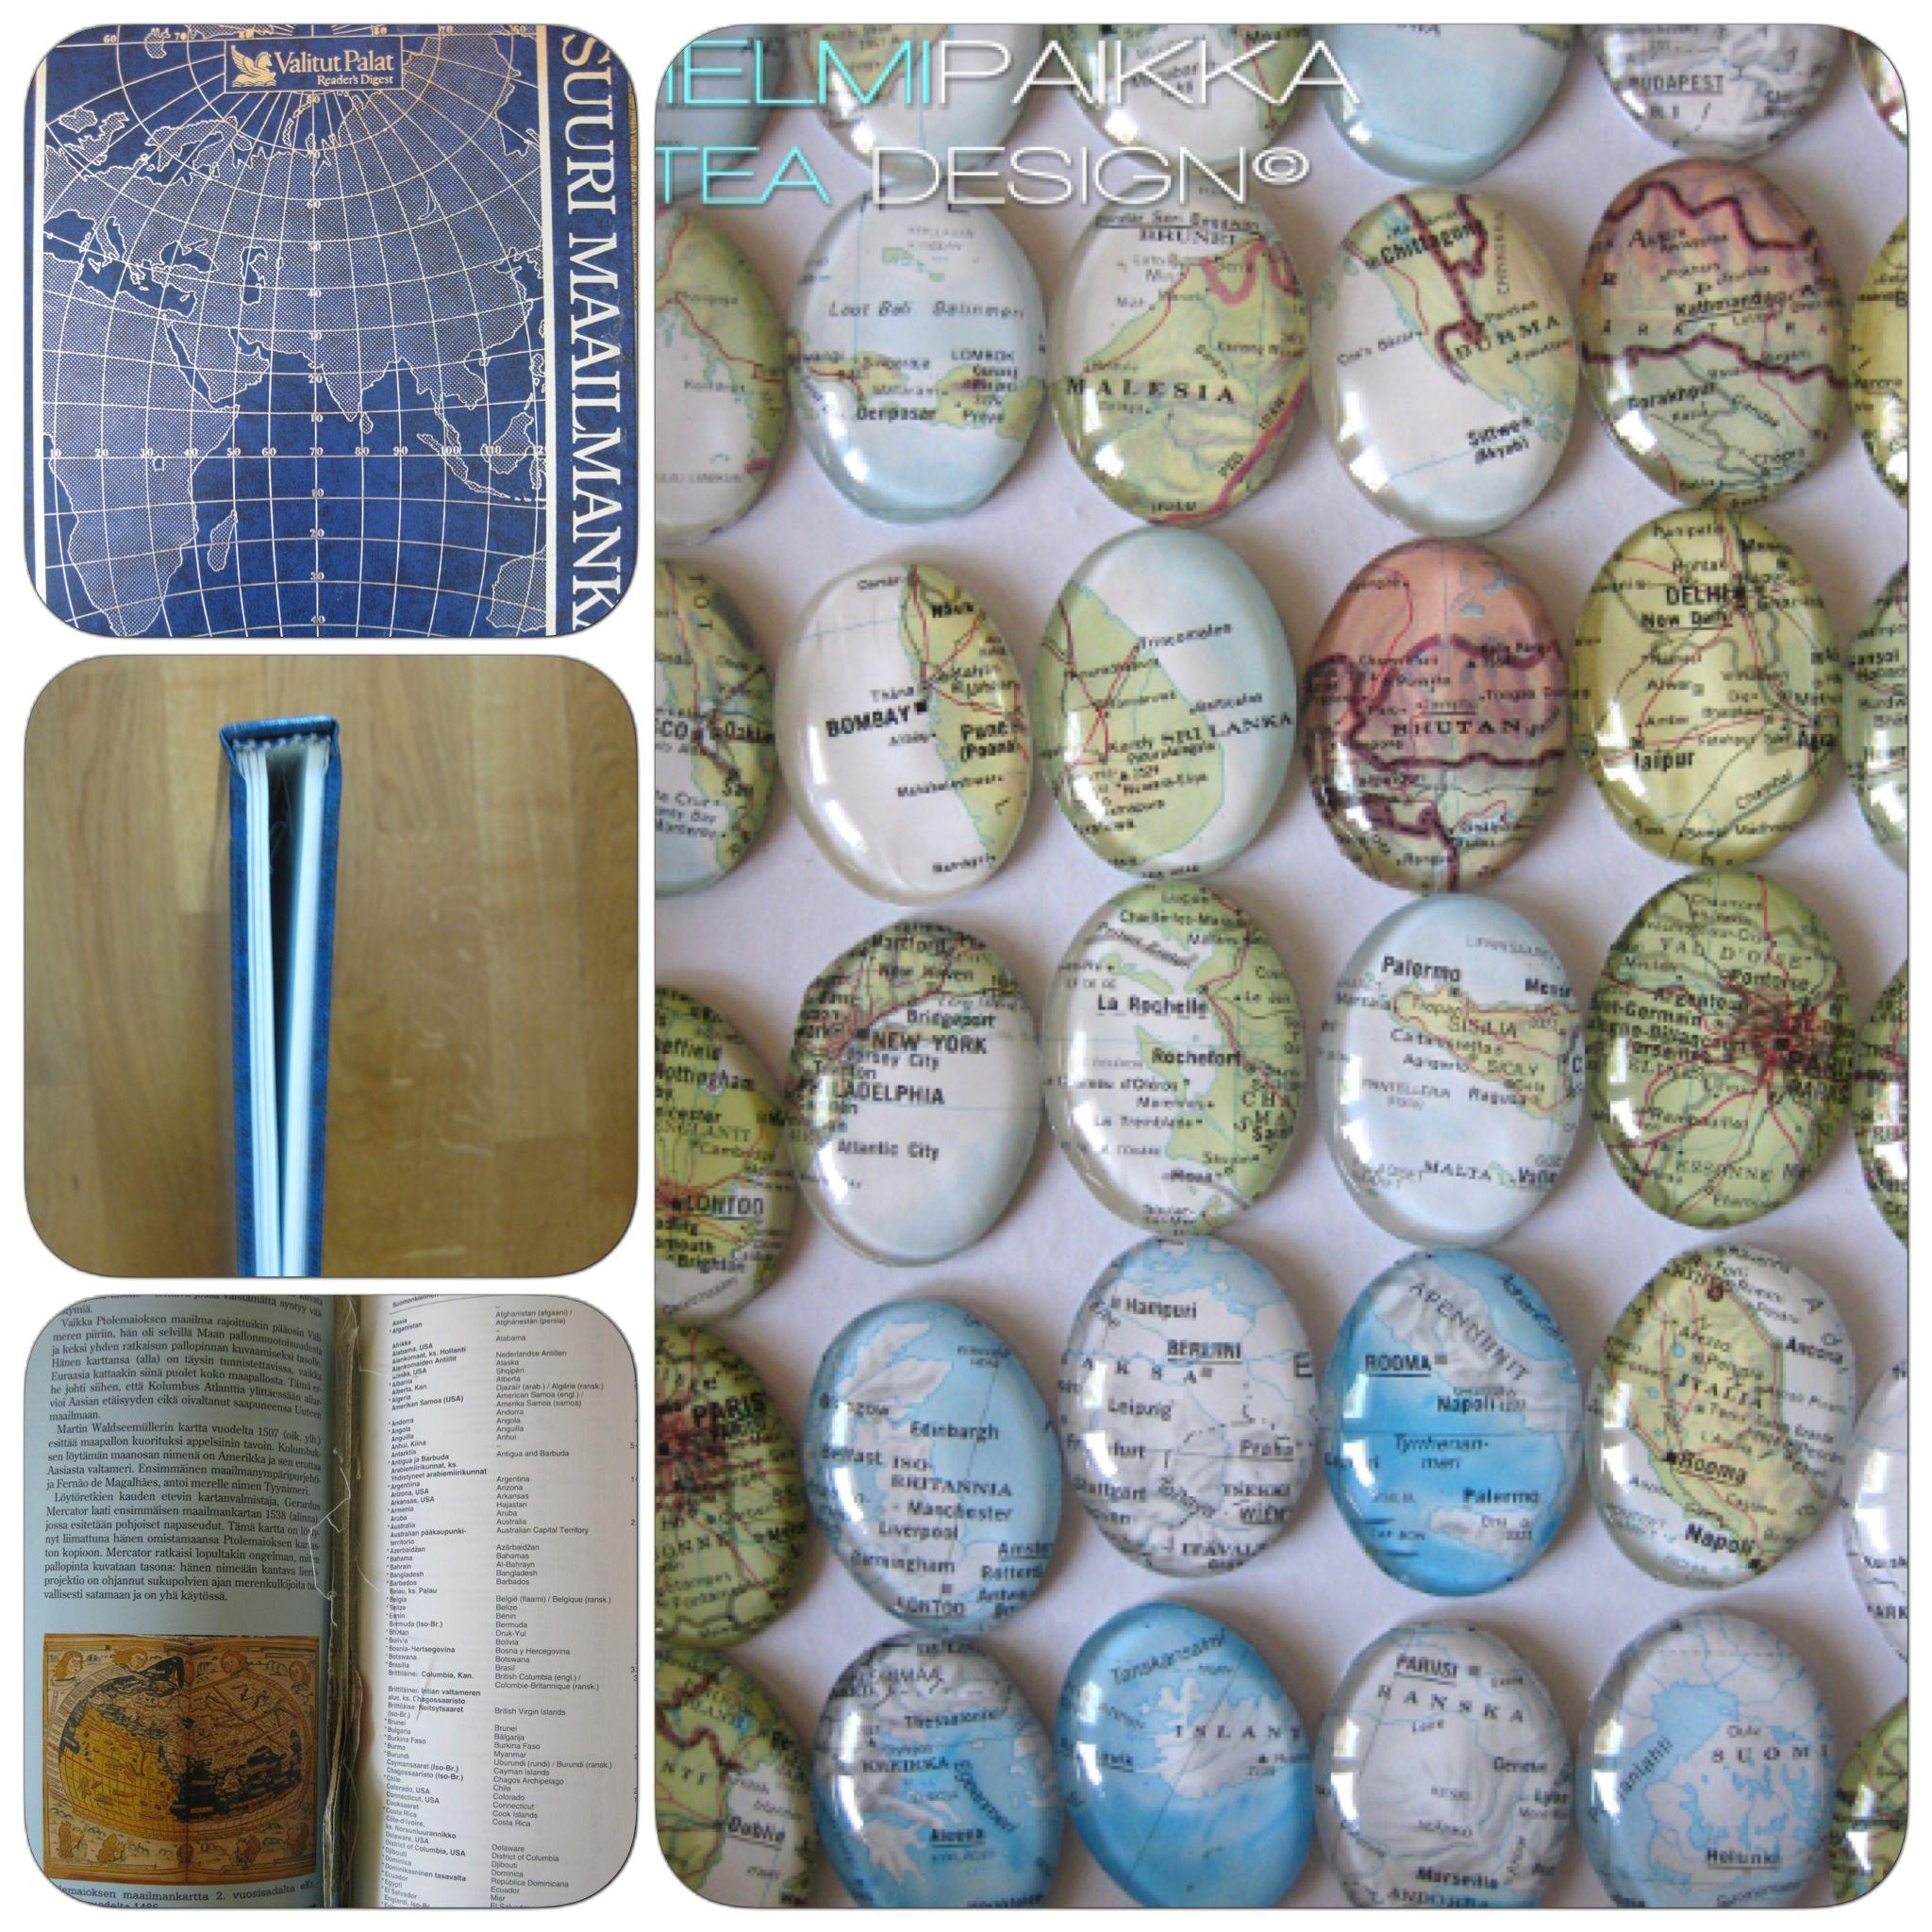 Tea Design karttakorut on uusi tuoteryhmä jonka olen valmistanut kierrättämällä vanhoja karttoja http://www.helmipaikka.fi/tuotteet.html?id=36/